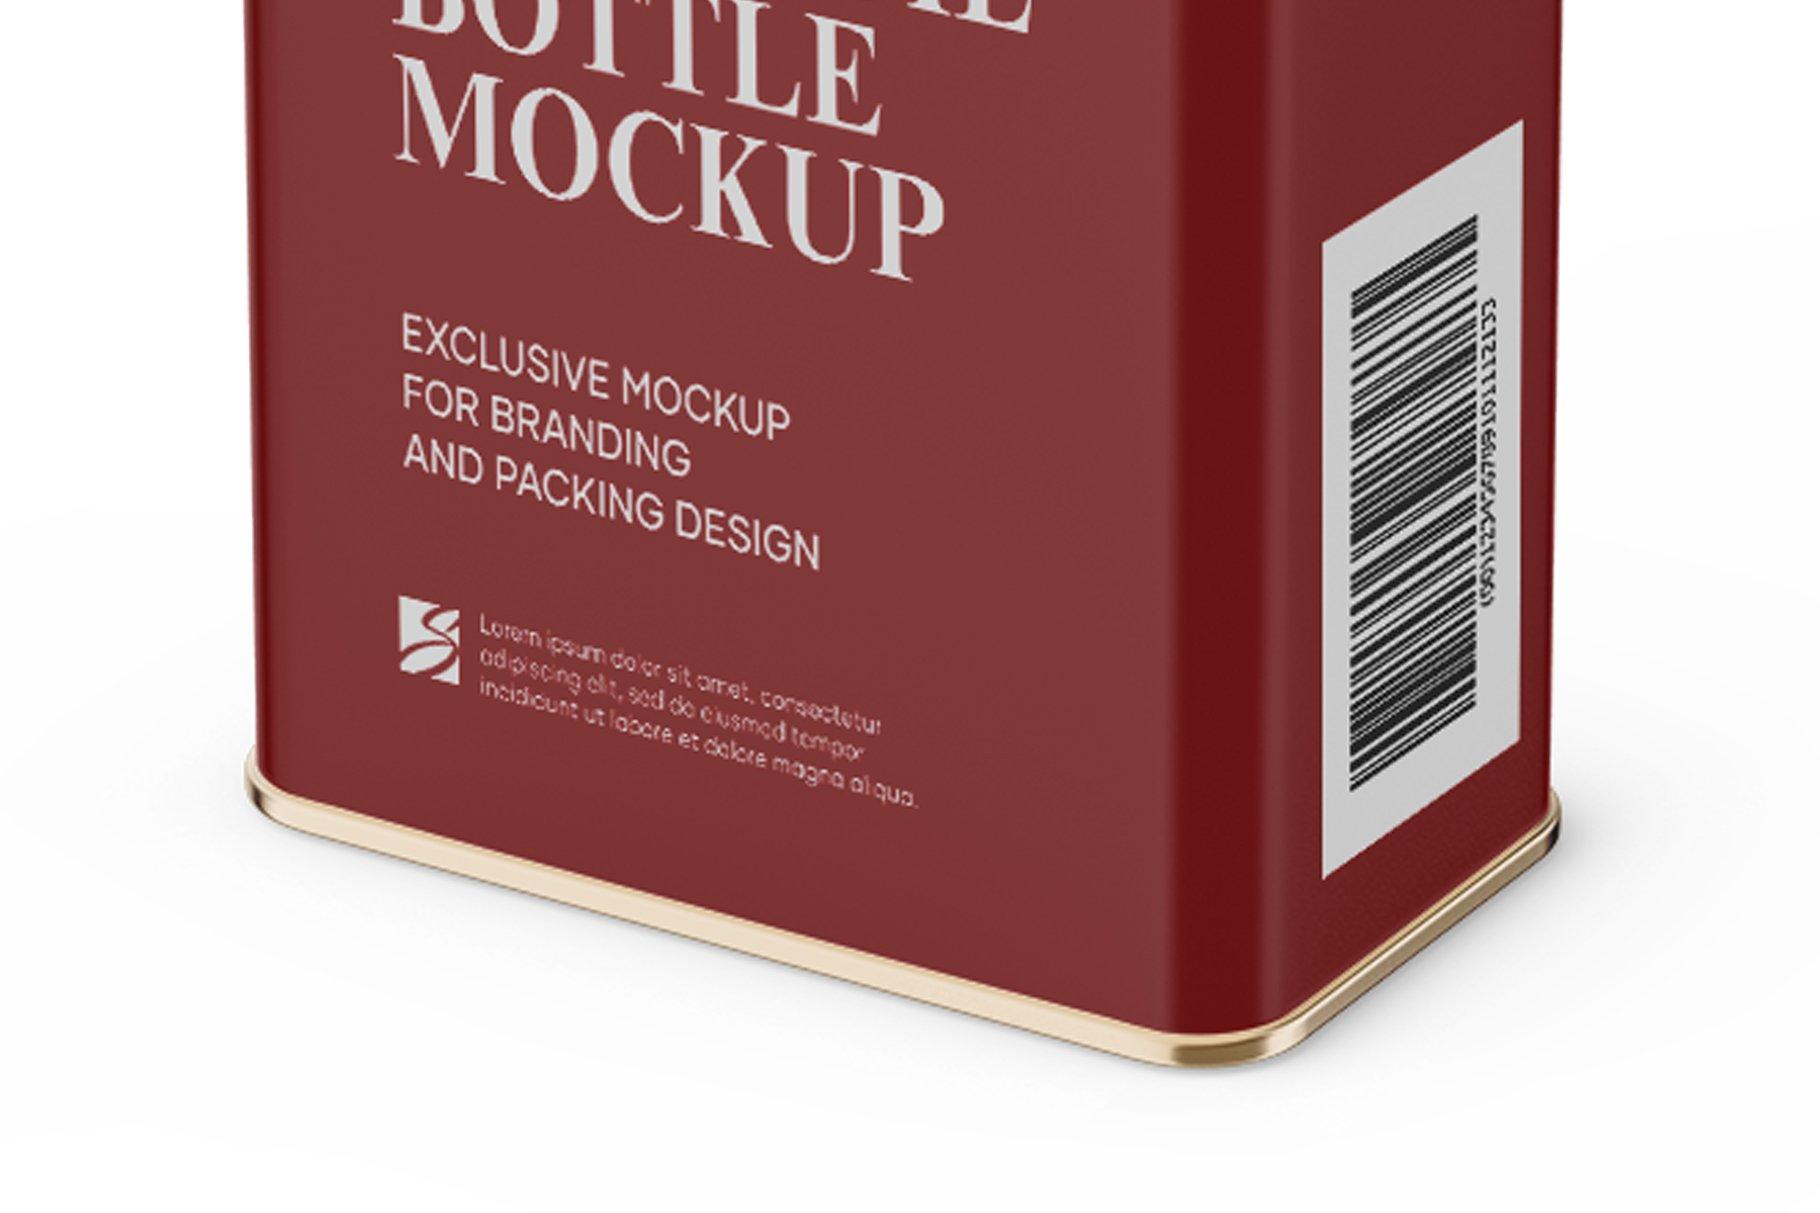 哑光橄榄油锡罐设计展示样机模板 Matte Olive Oil Tin Can Mockup插图(4)